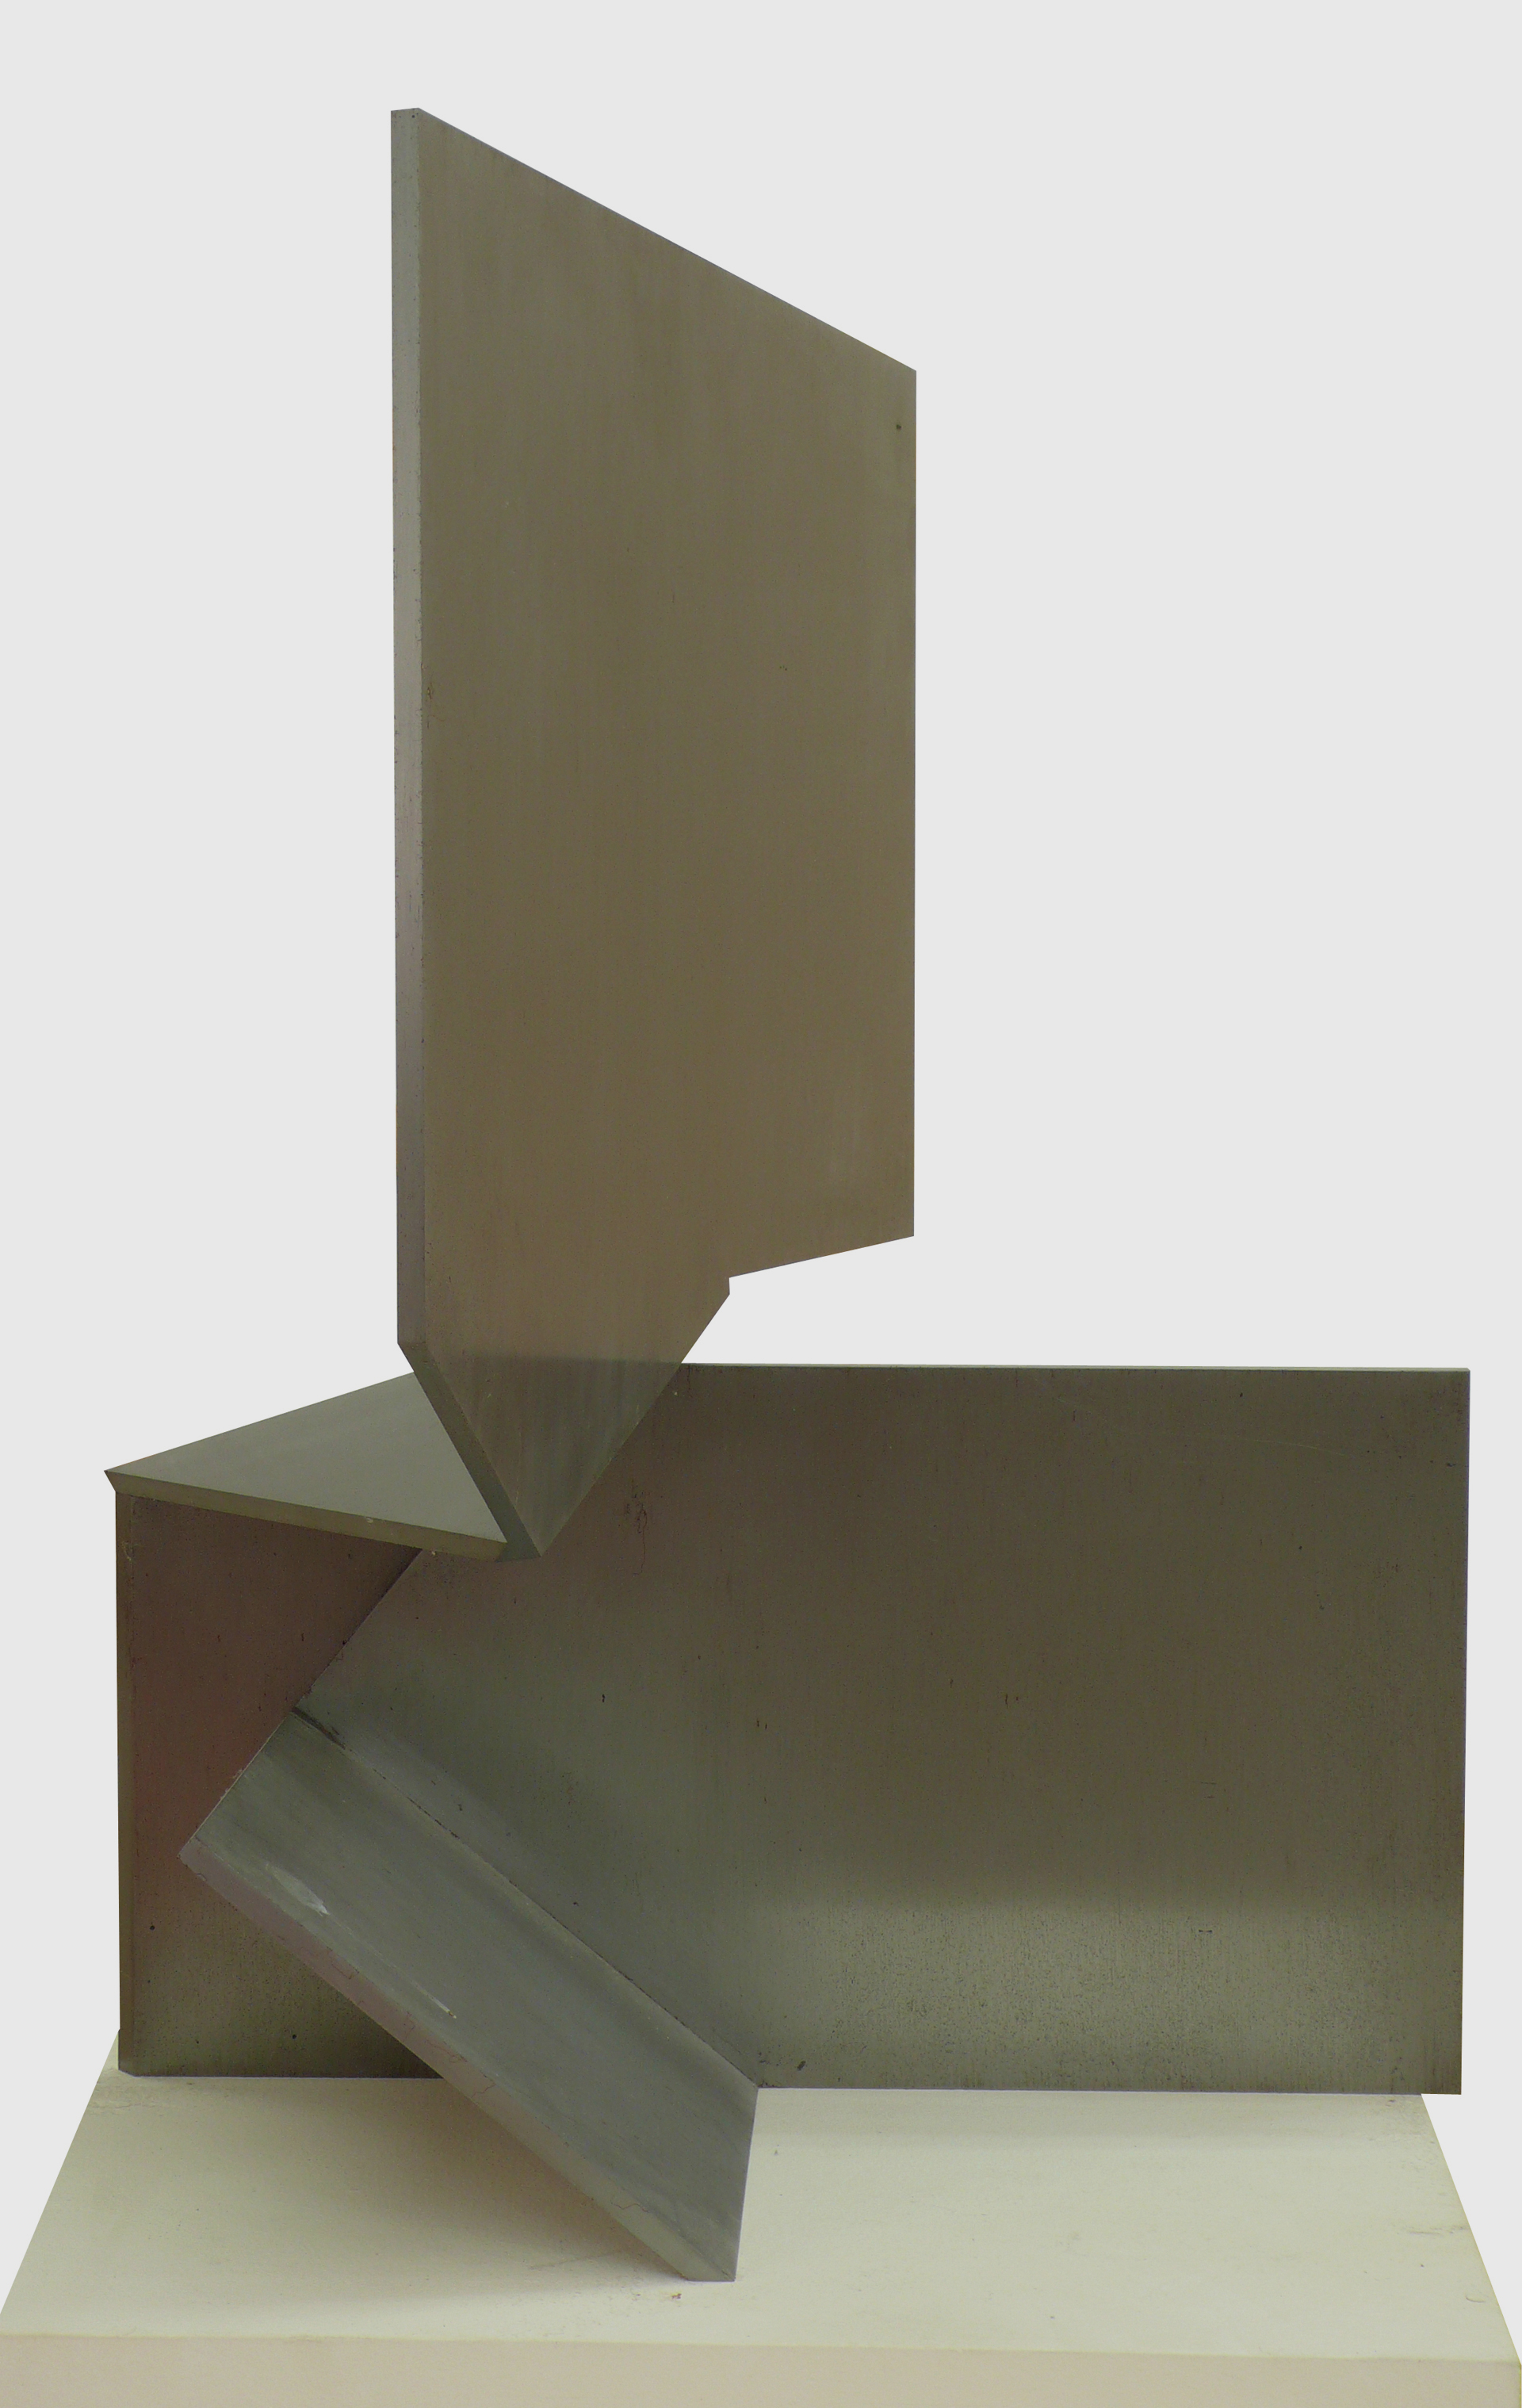 """Escultura """"Lauda VIII"""" de Pablo Palazuelo. Acero. 1987"""